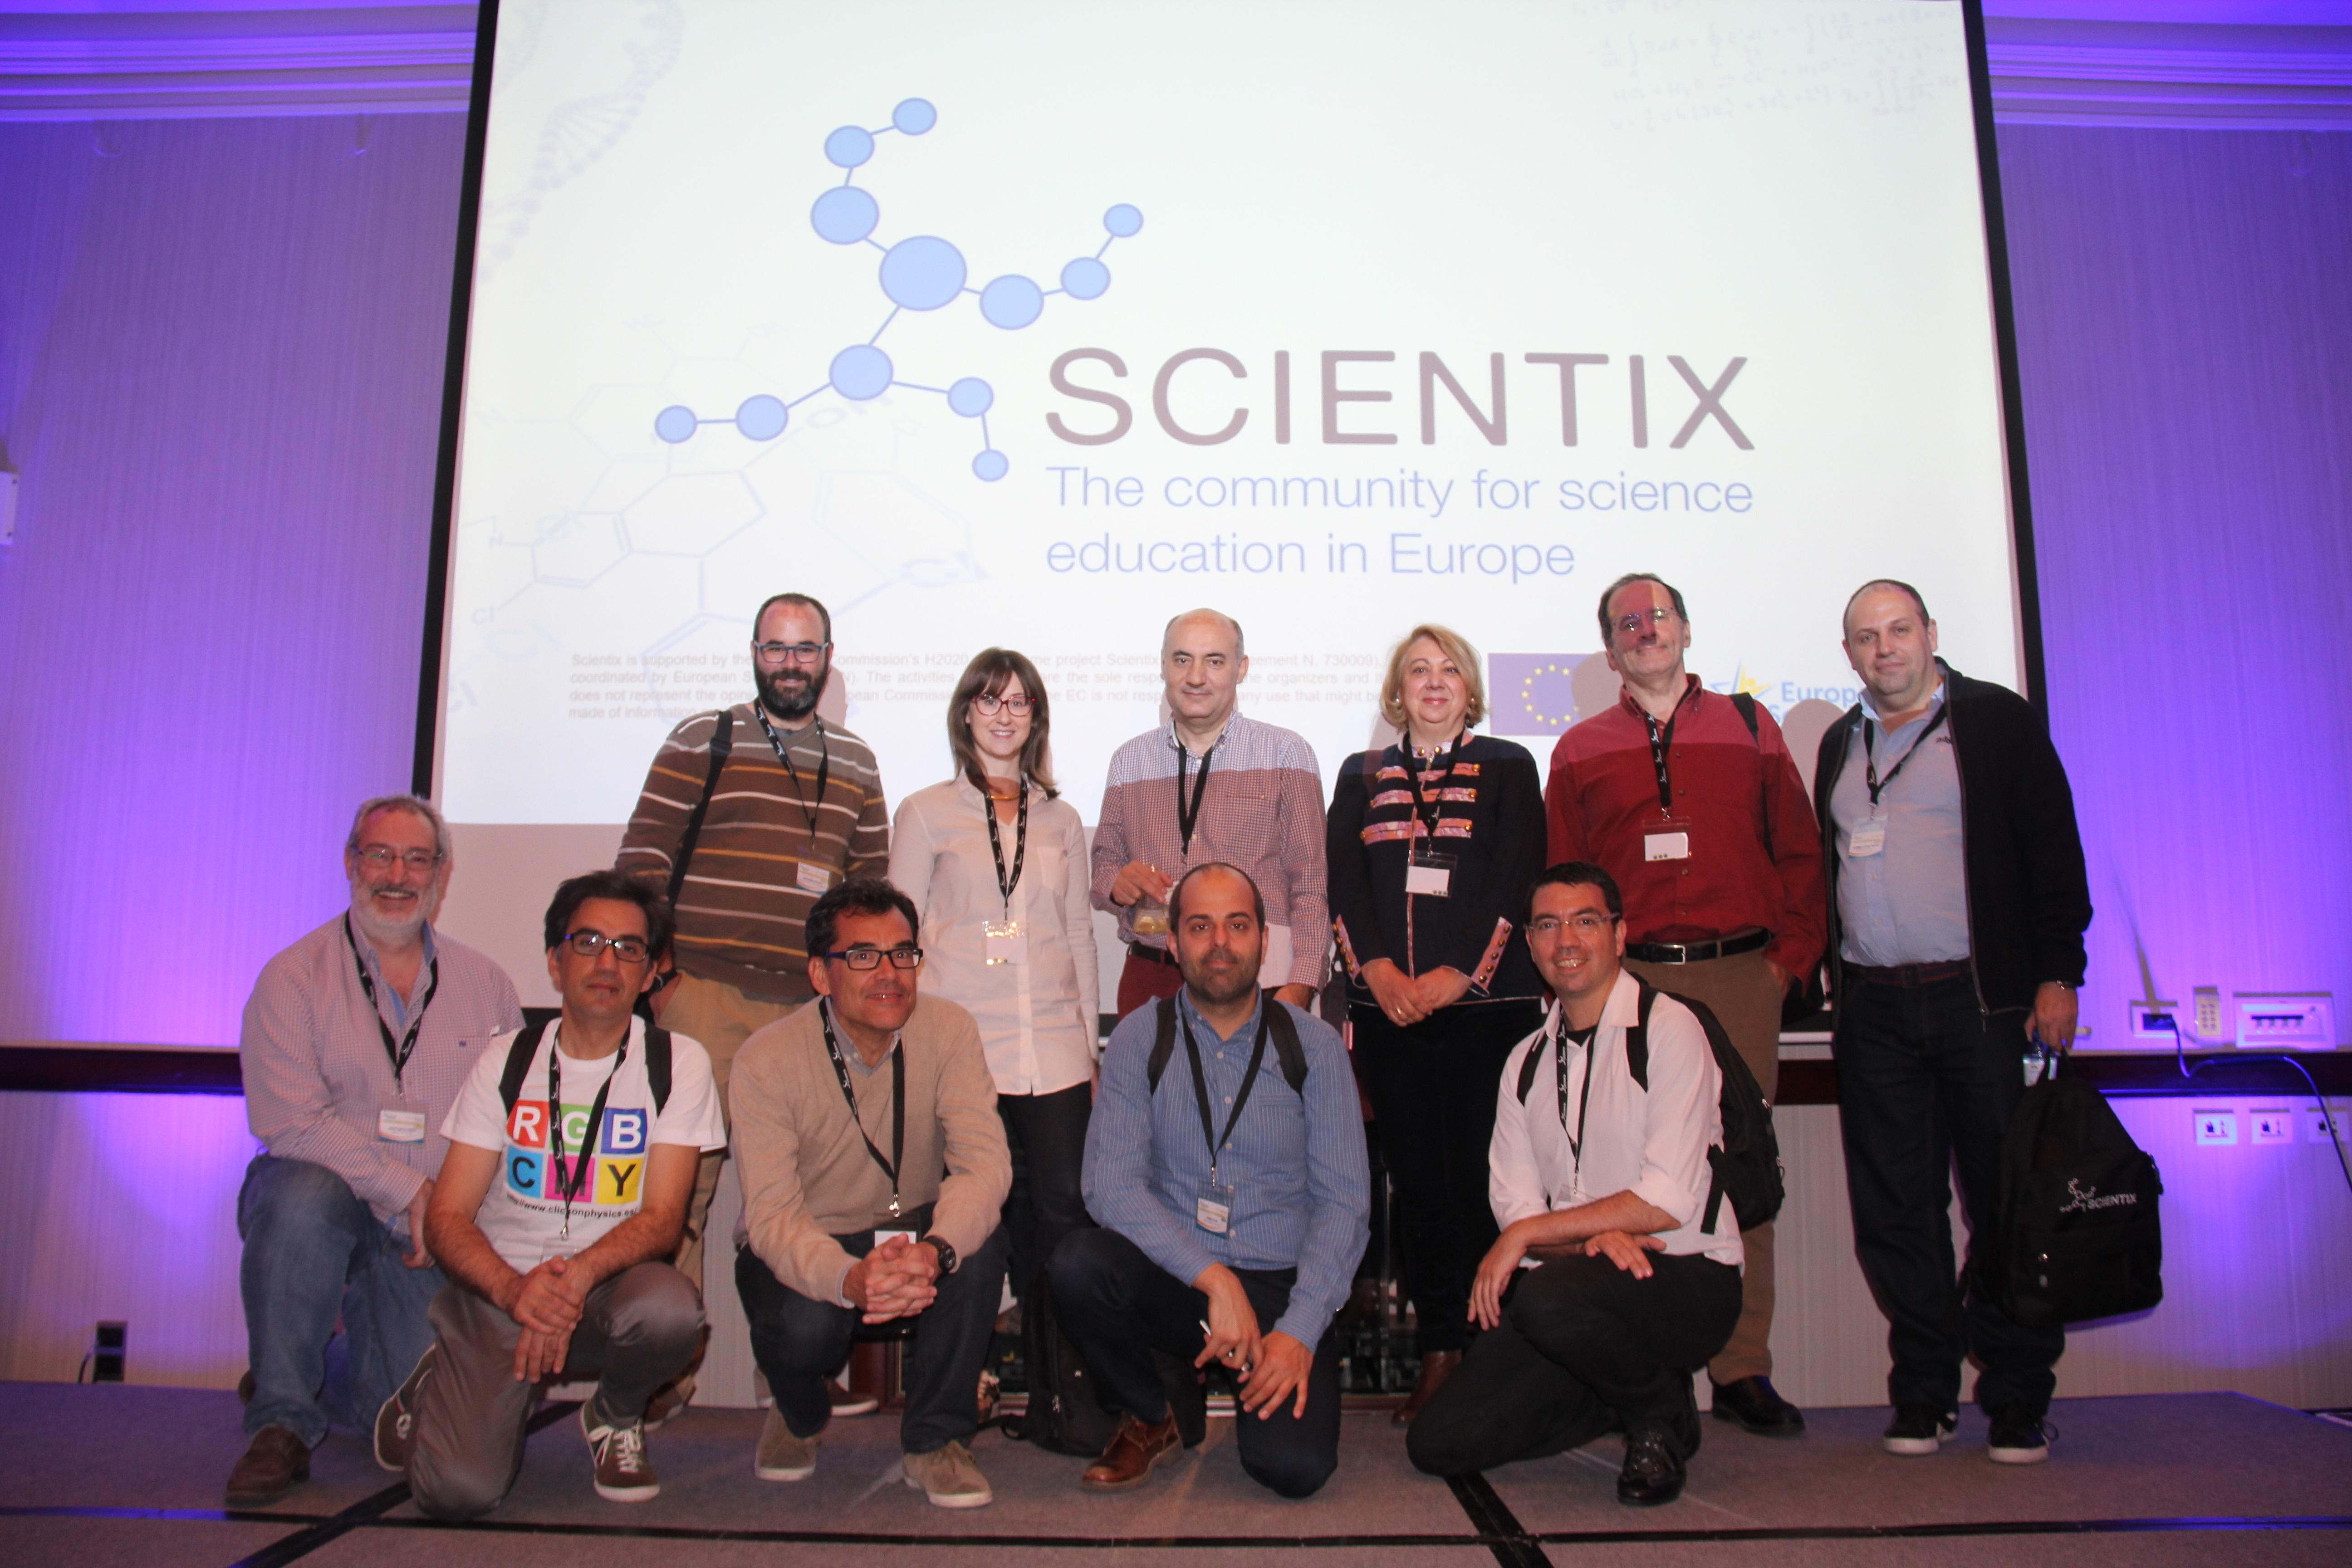 Scientix: La enseñanza de las ciencias en Europa